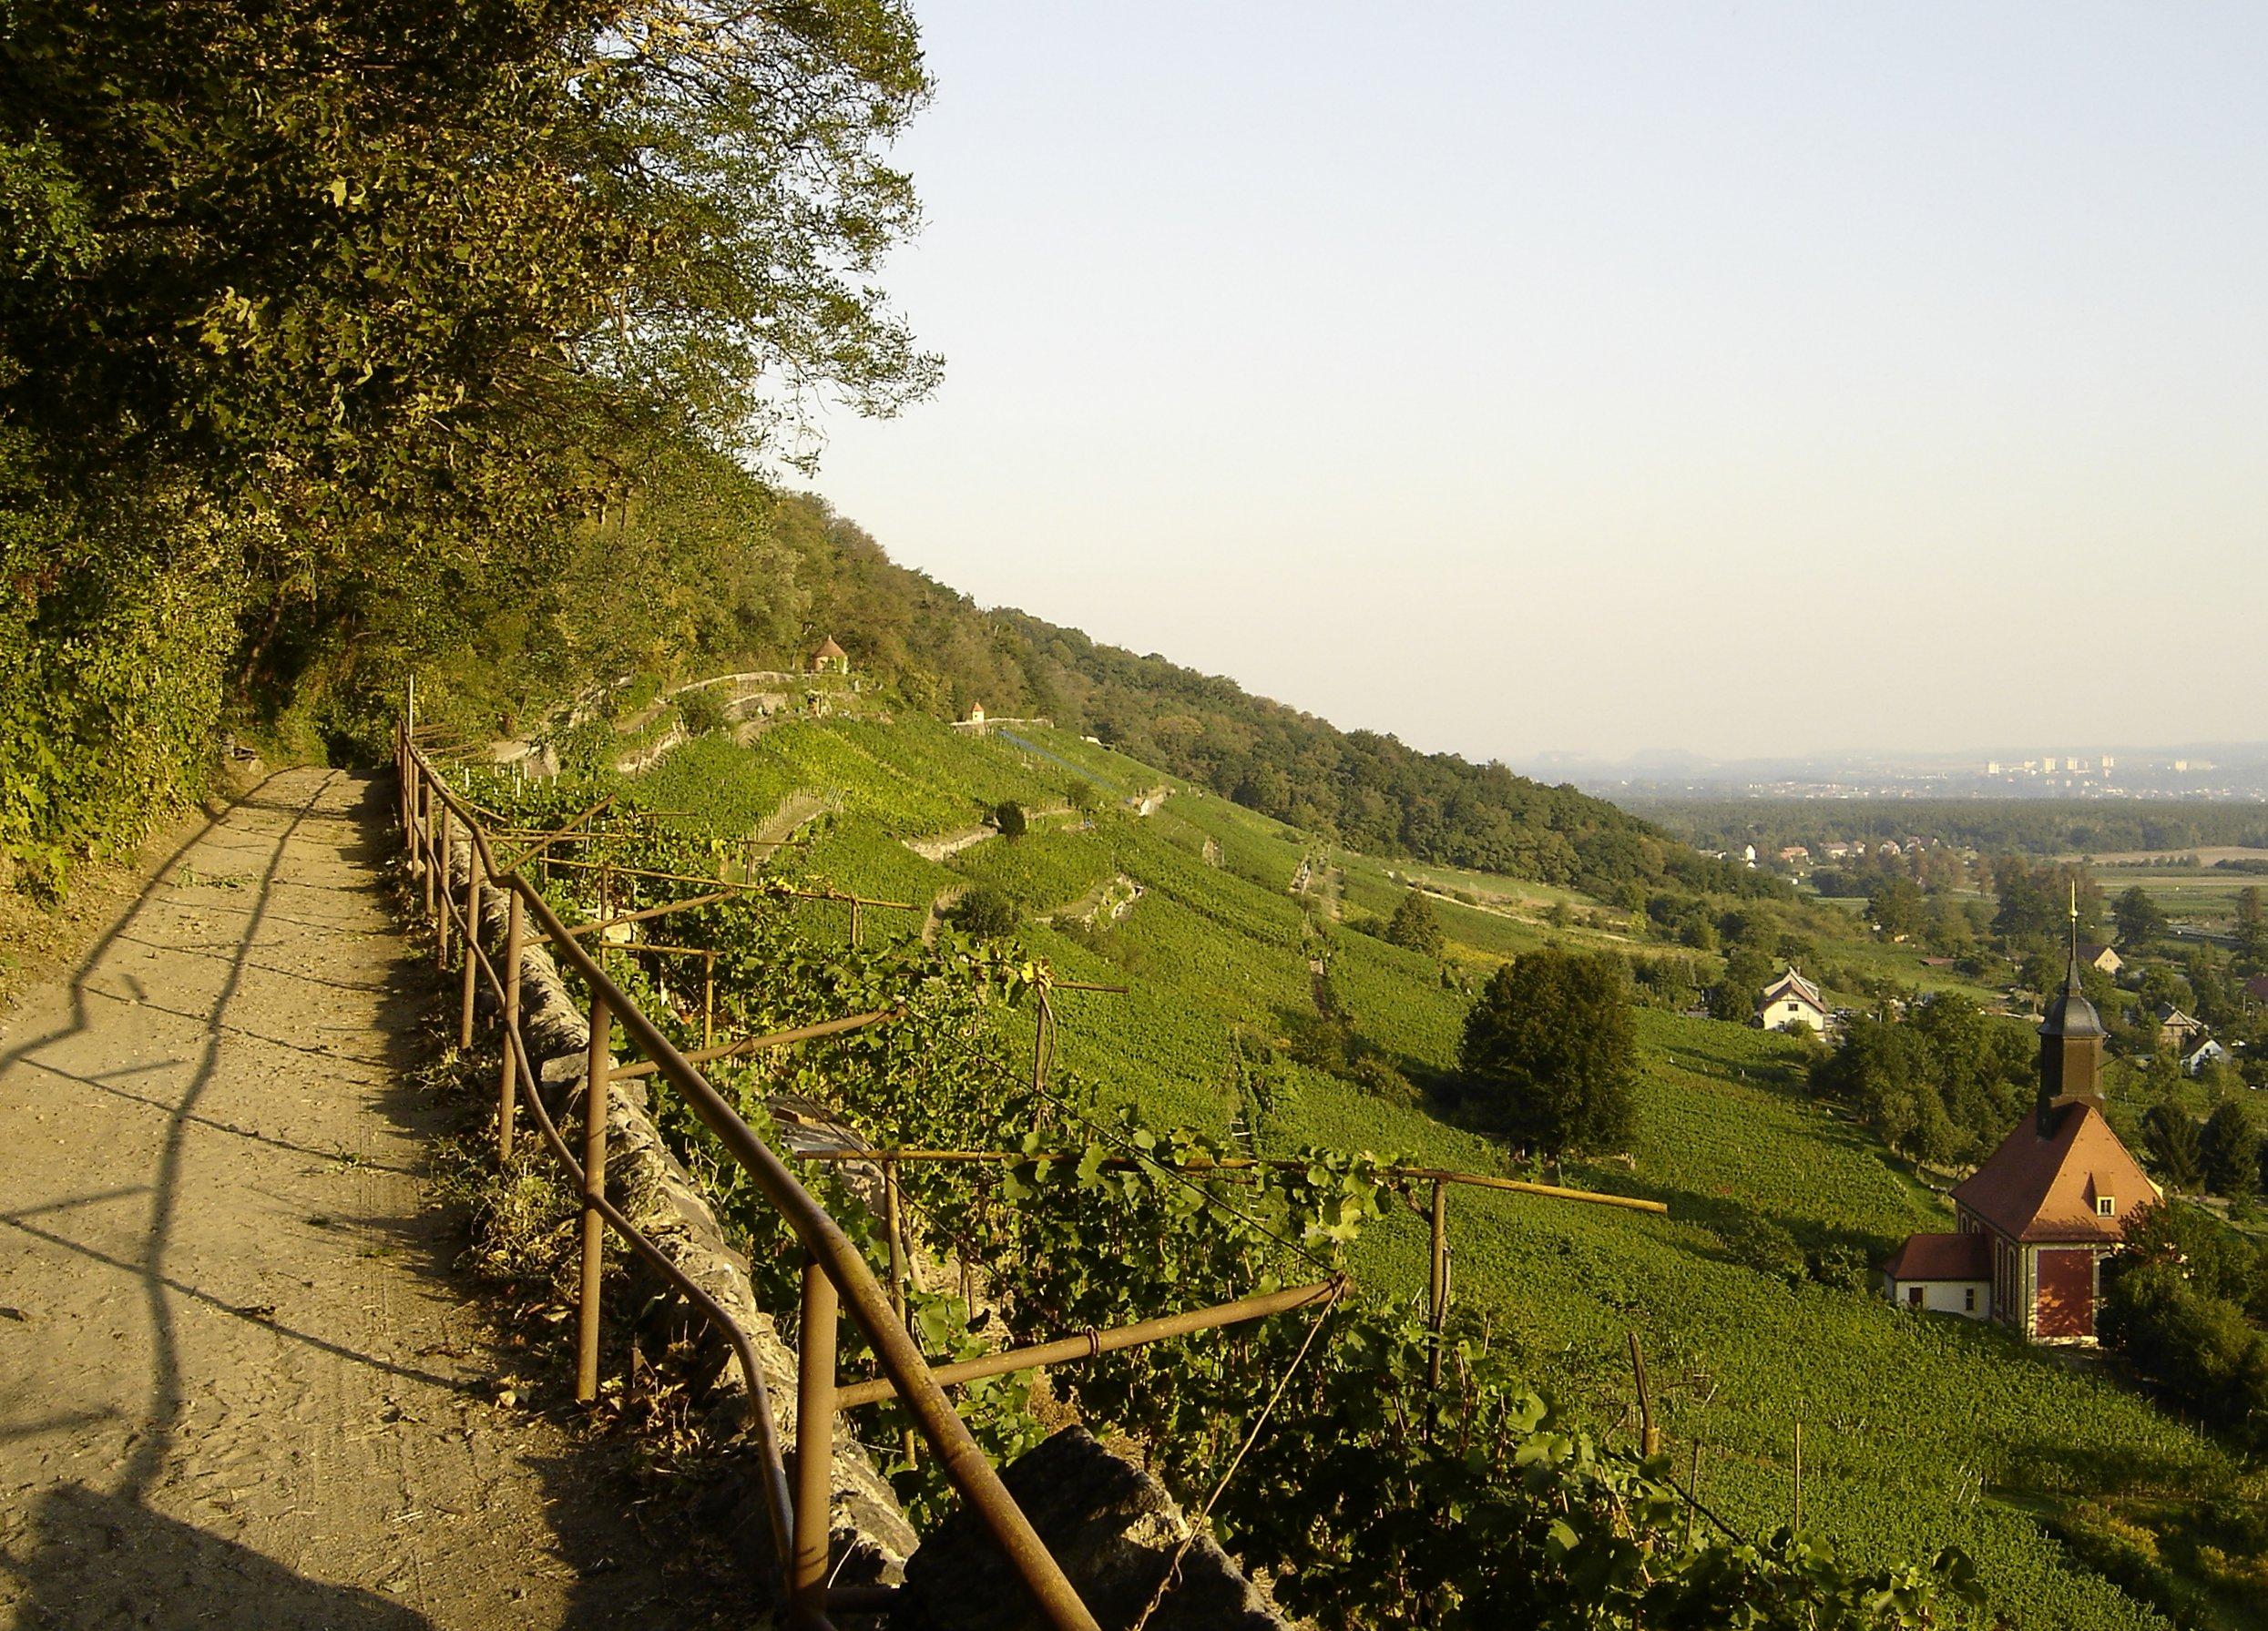 A footpath through a Sachsen vineyard in the village of Pillnitz.